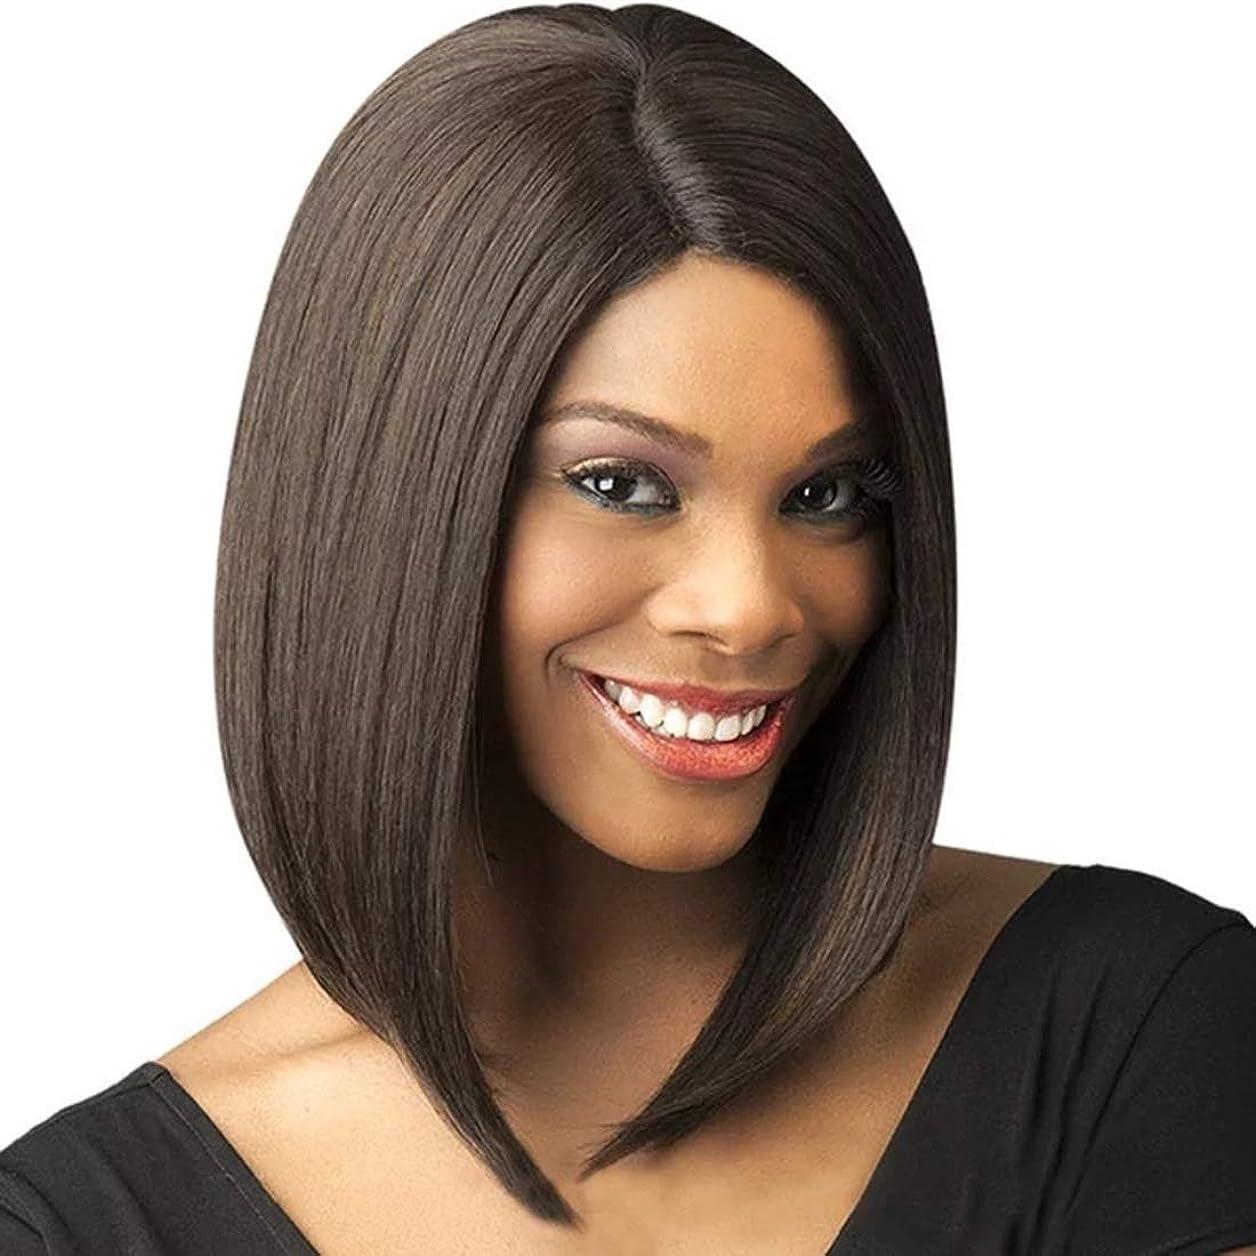 飢え拘束広範囲Koloeplf 女性用合成高温かつらロングミディアムロング前髪かつら女性用フルヘッドストレートヘア12インチ/ 180g(ブラック/ダークブラウン/ライトブラウン)